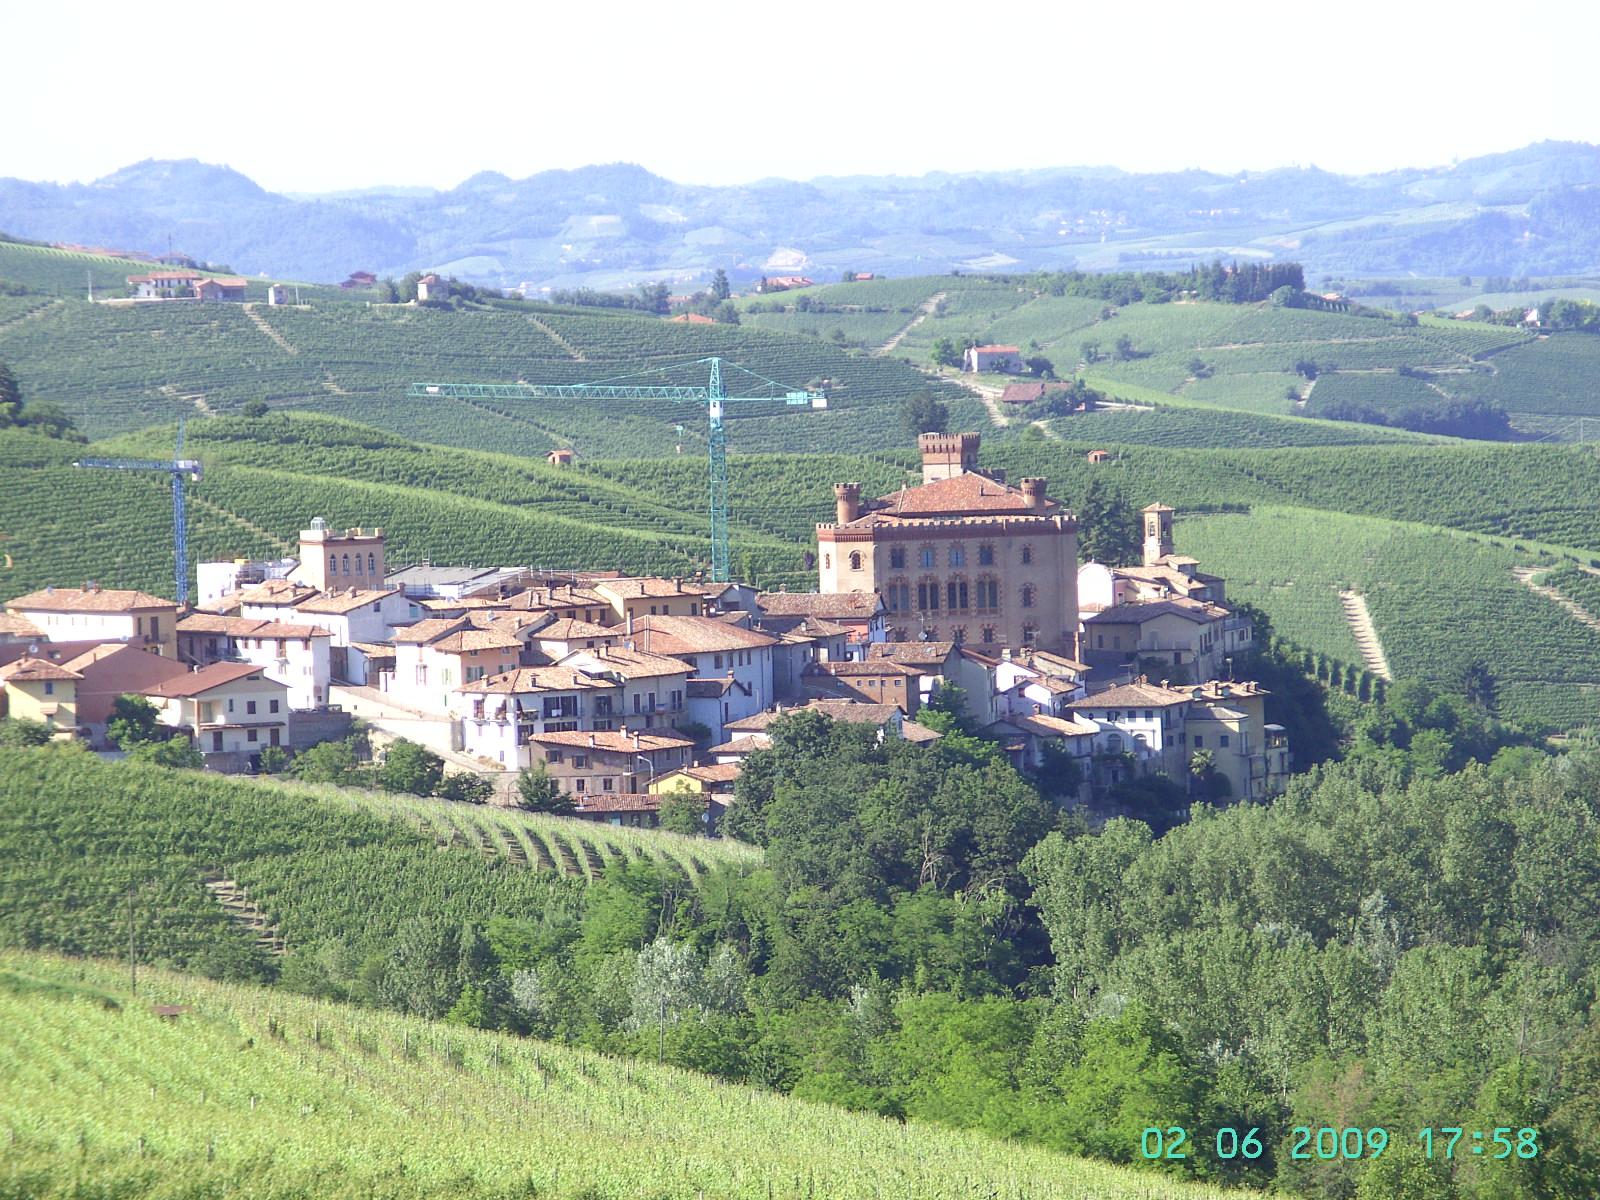 Weltbekannt: Barolo - eigentlich ein Dorf